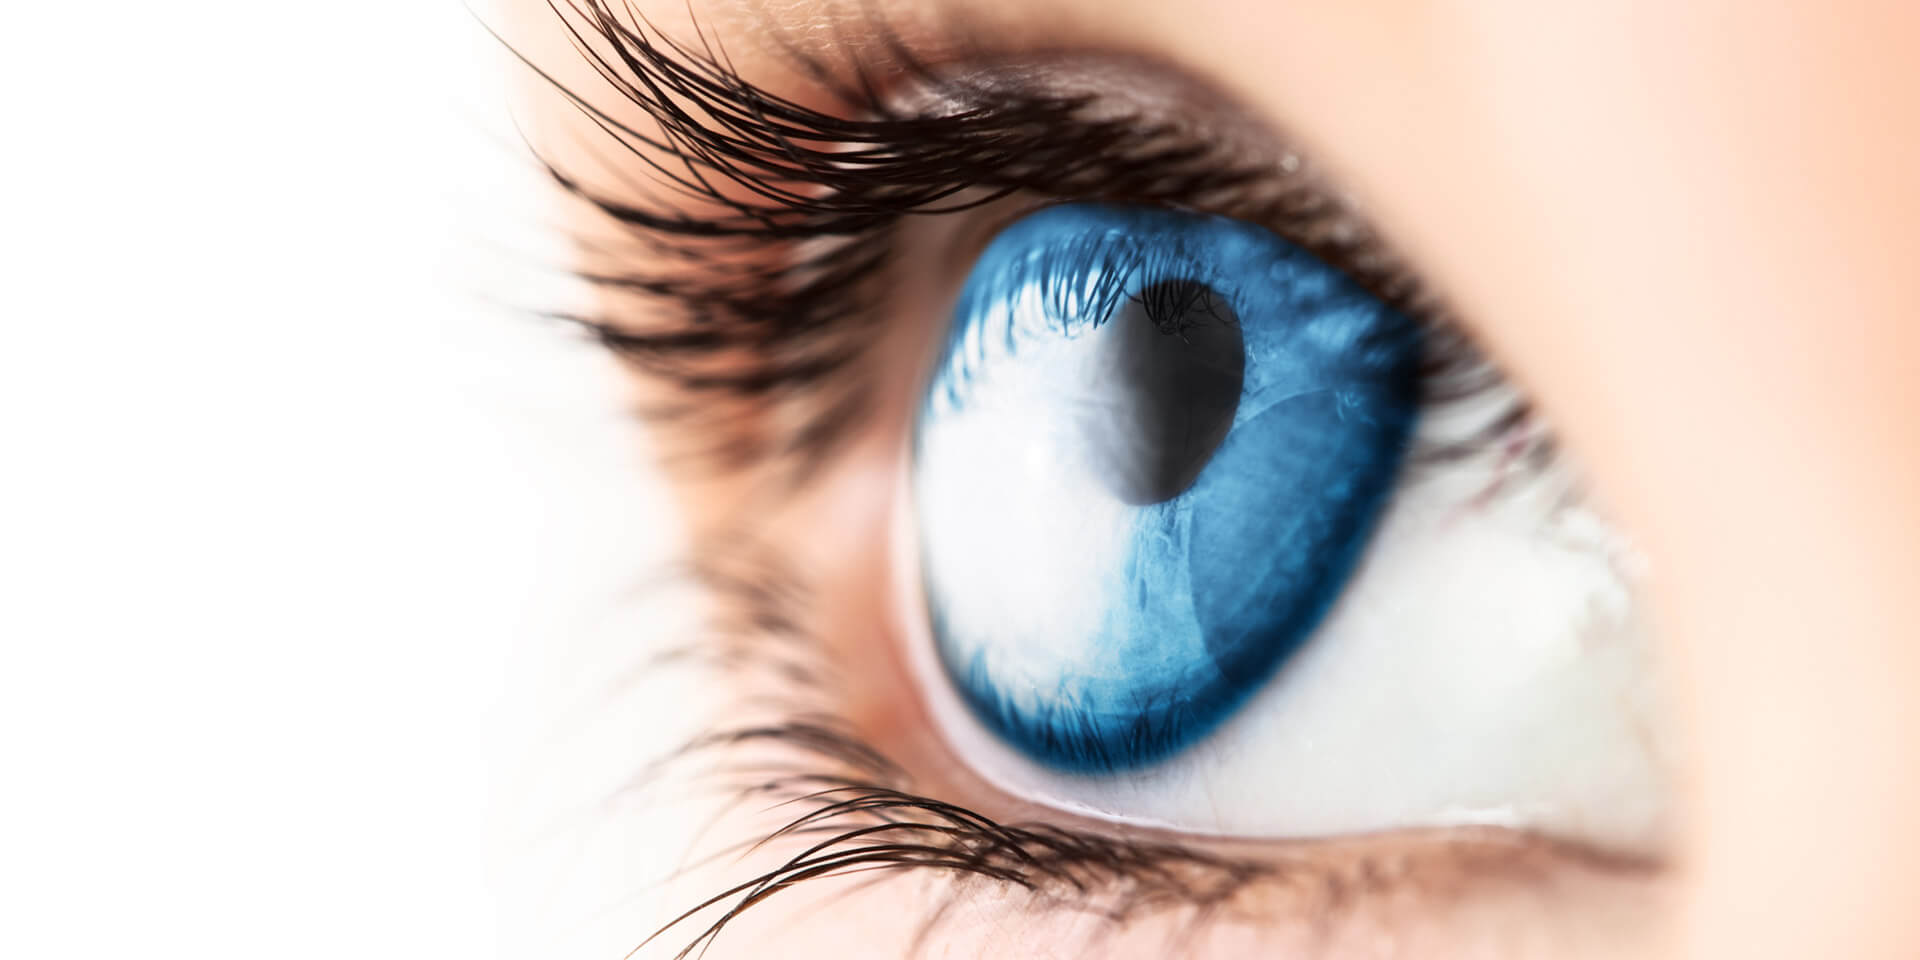 Das Bild zeigt ein menschliches Auge